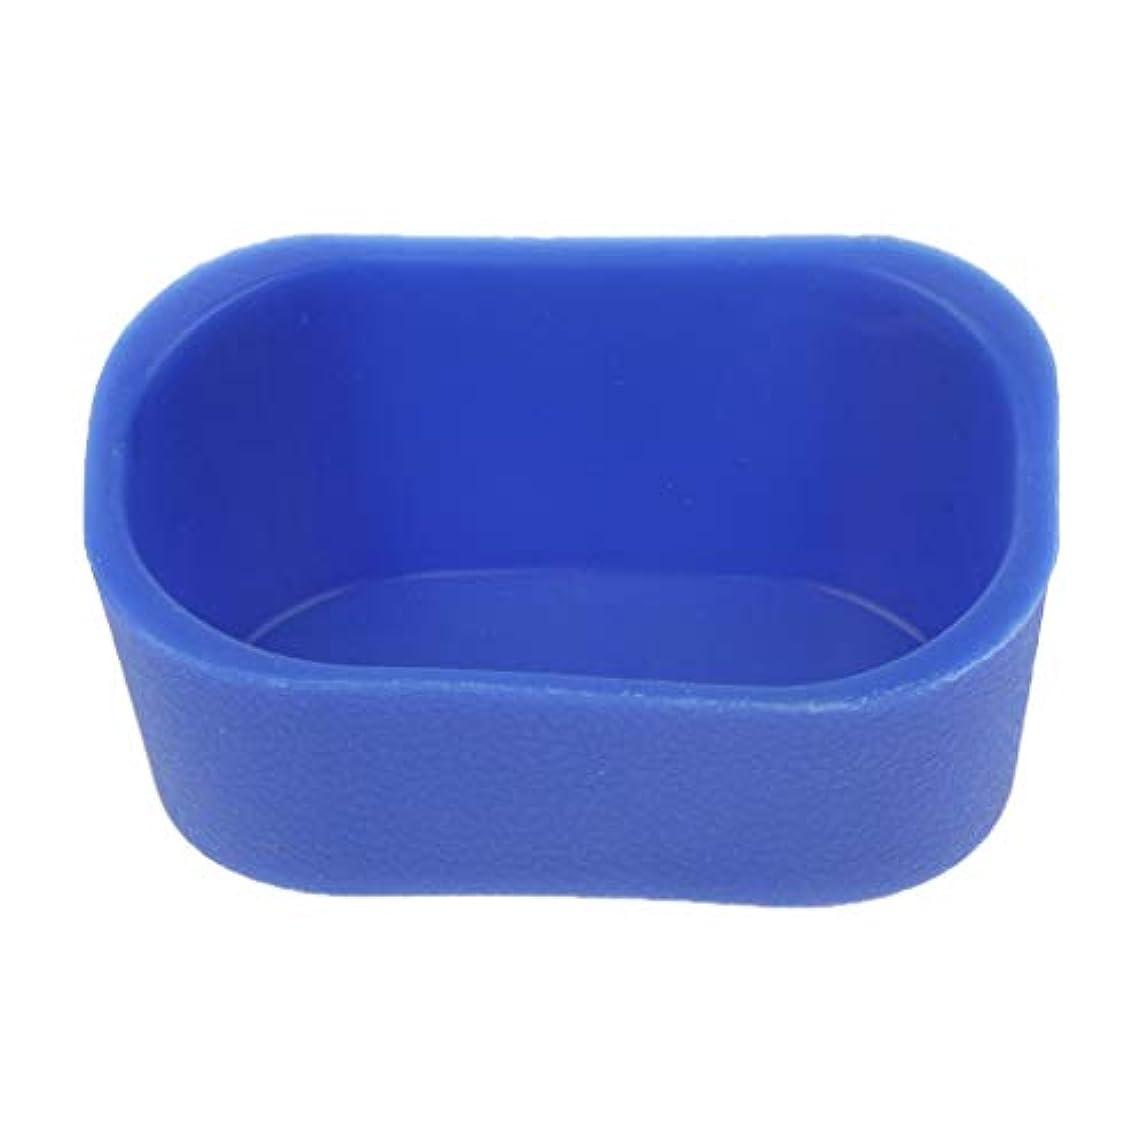 押し下げる不承認びっくりD DOLITY シャンプーボウル ピロー ネックレス クッション 高品質 5色選べ - 青